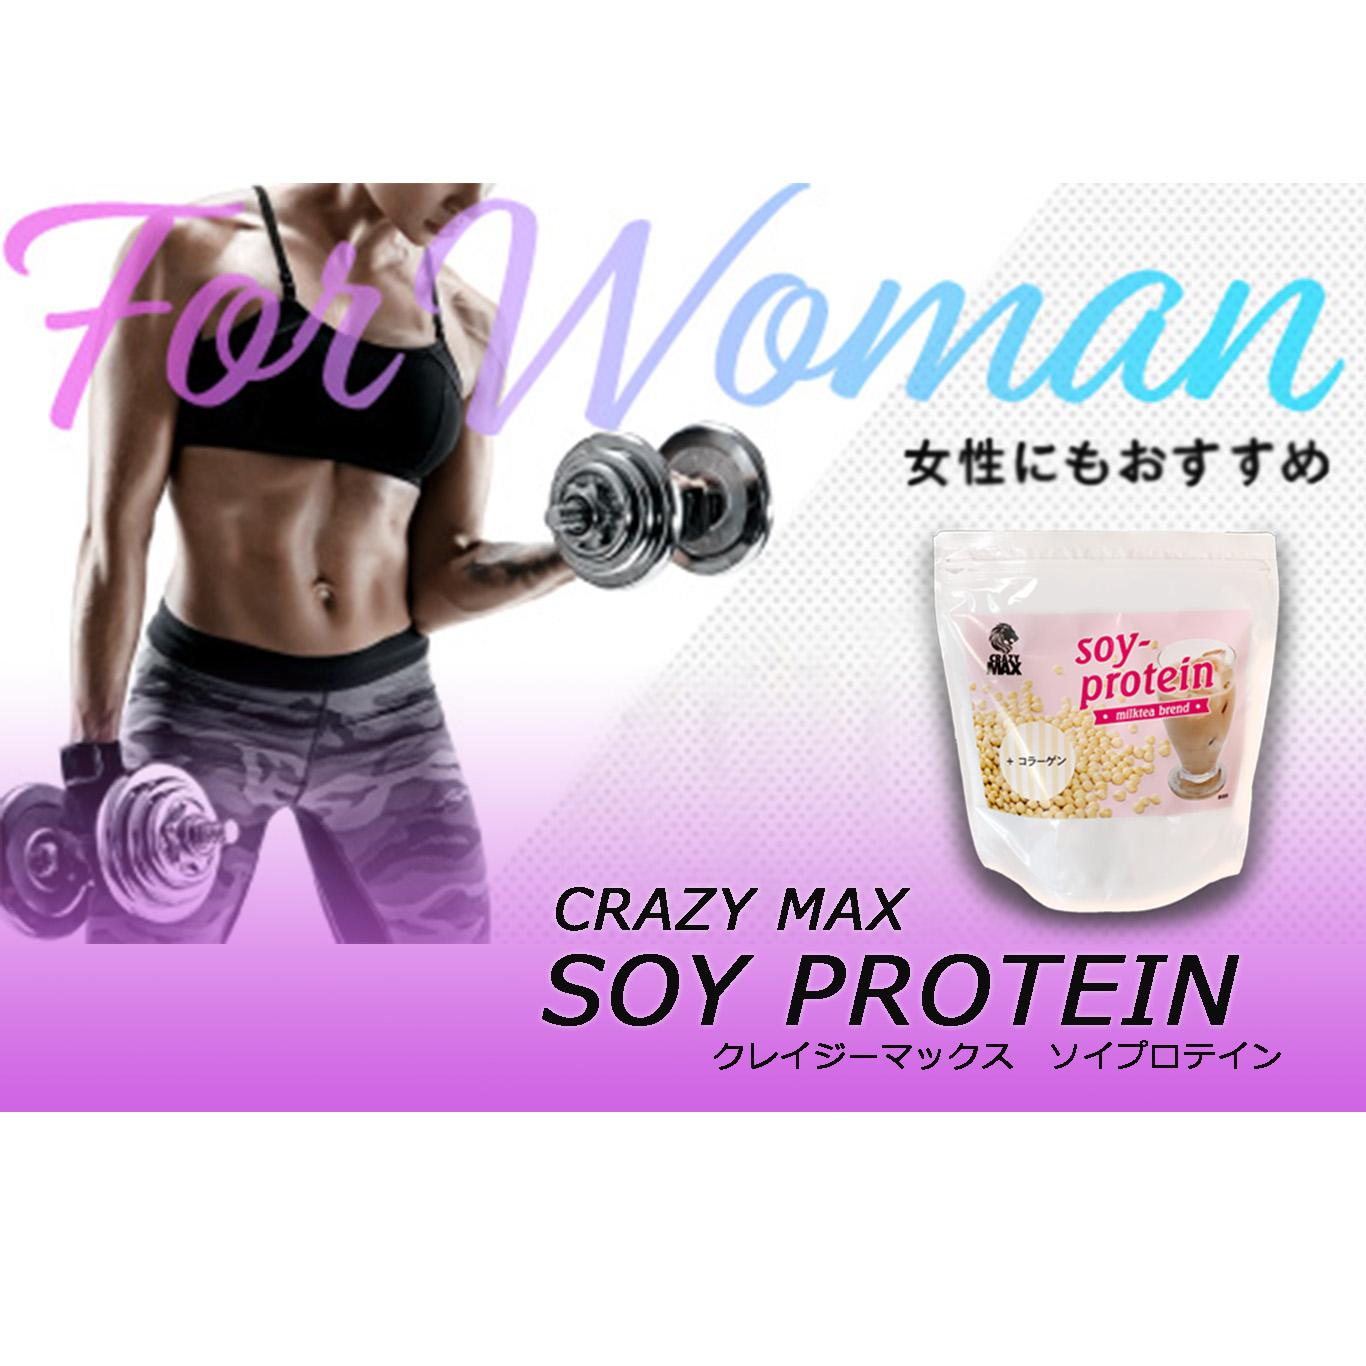 ソイプロテイン ミルクティー風味 コラーゲン1,500mg 鉄、カルシウム、マグネシウム、ビタミン配合